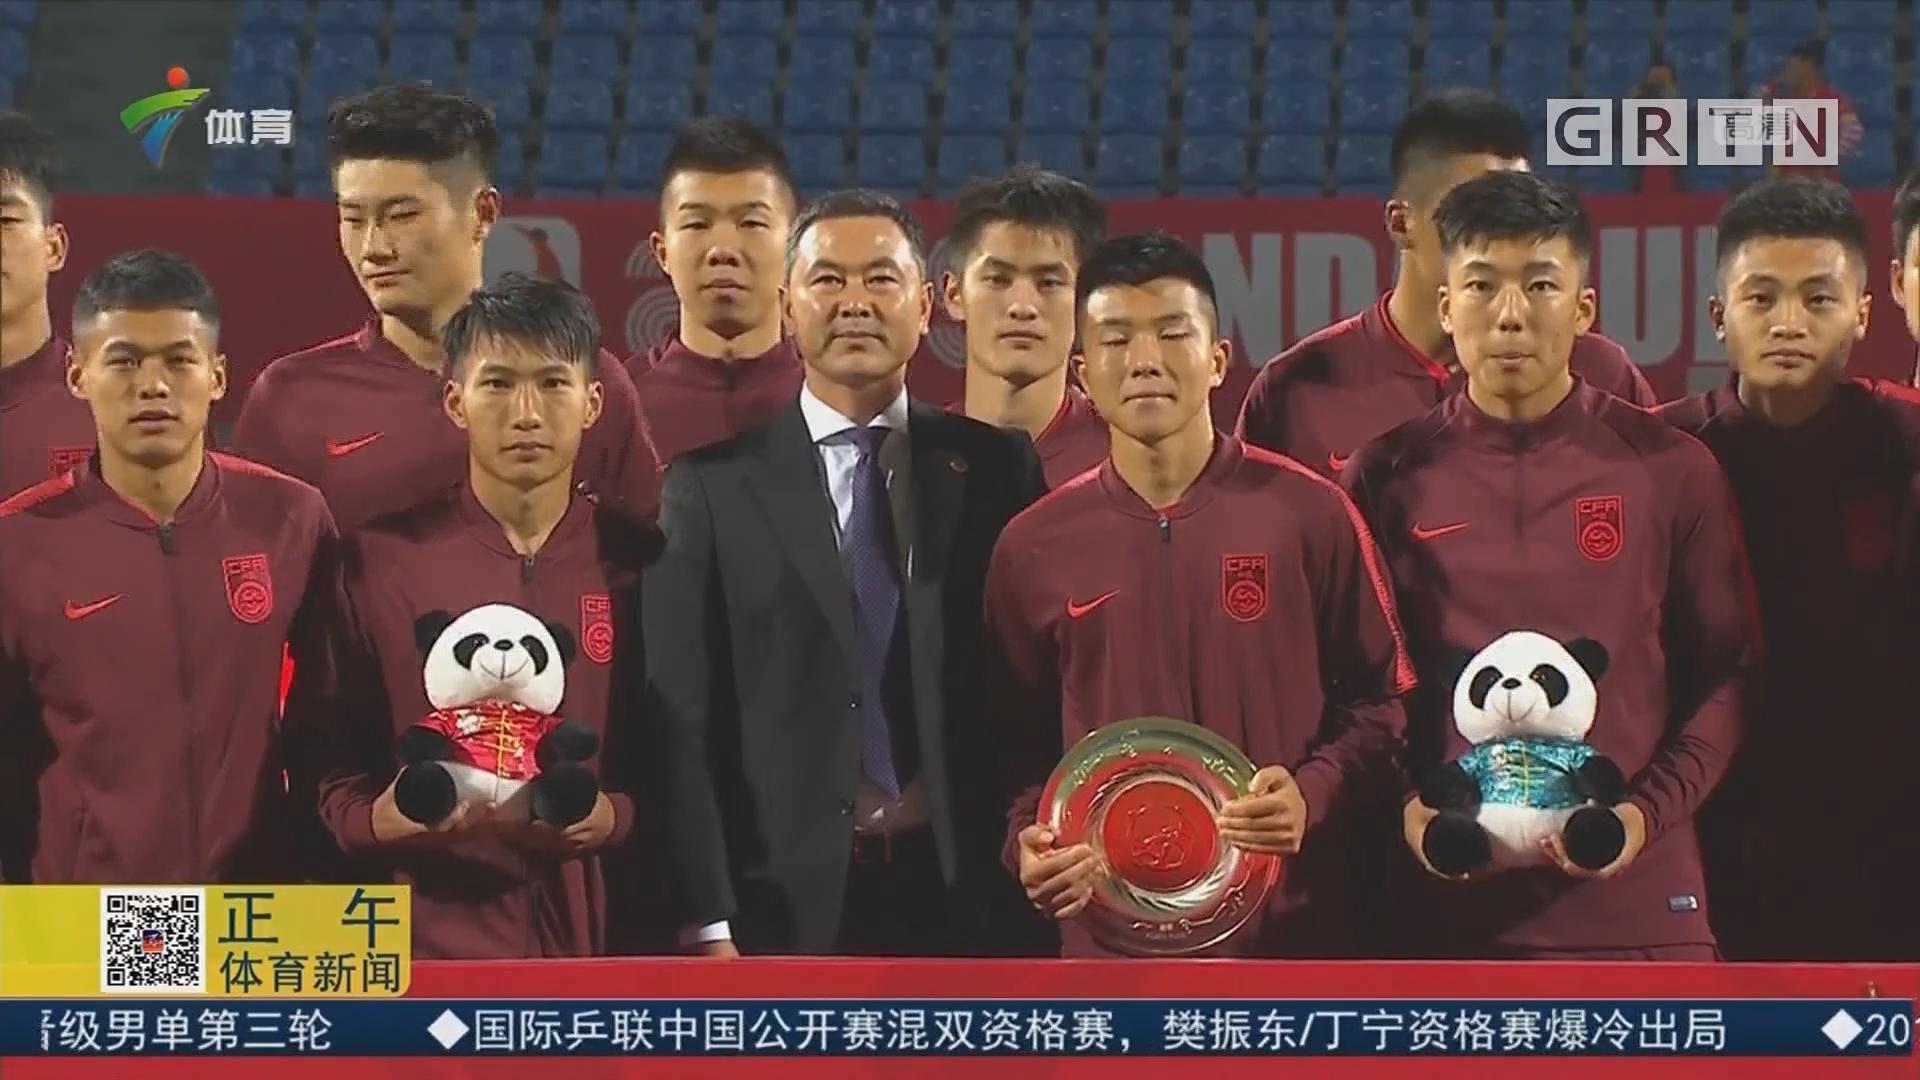 熊猫杯 U18国庆0比3不敌韩国 赛事垫底